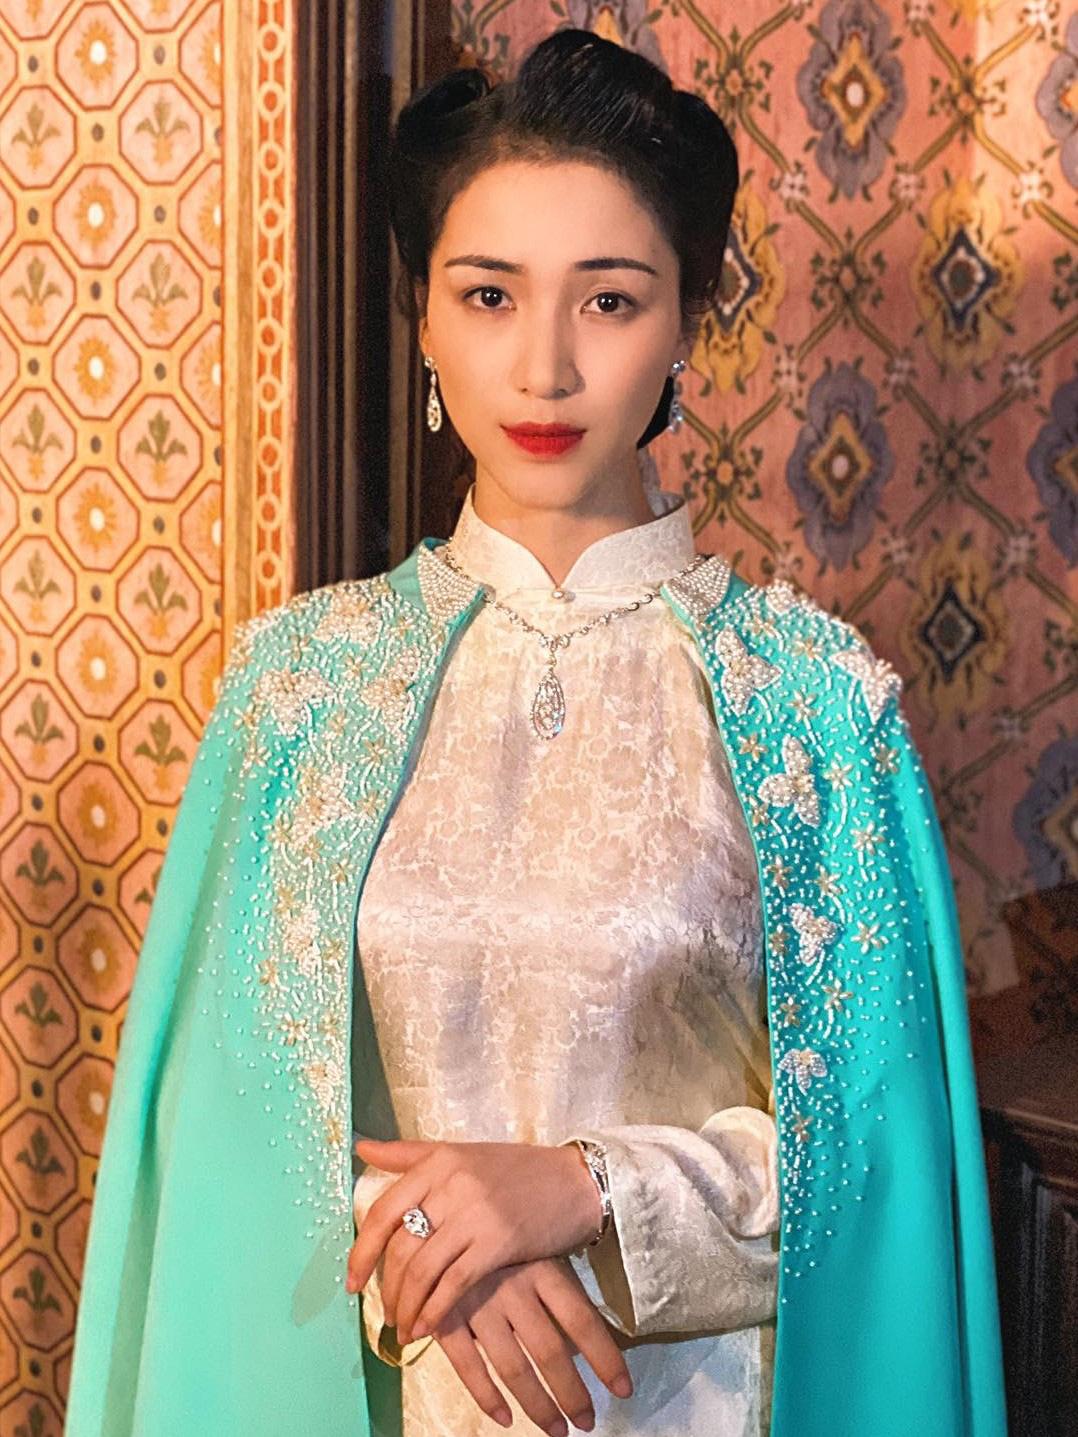 Hòa Minzy cùng PNJ tái hiện hình ảnh Nam Phương Hoàng Hậu trong MV mới - Ảnh 6.